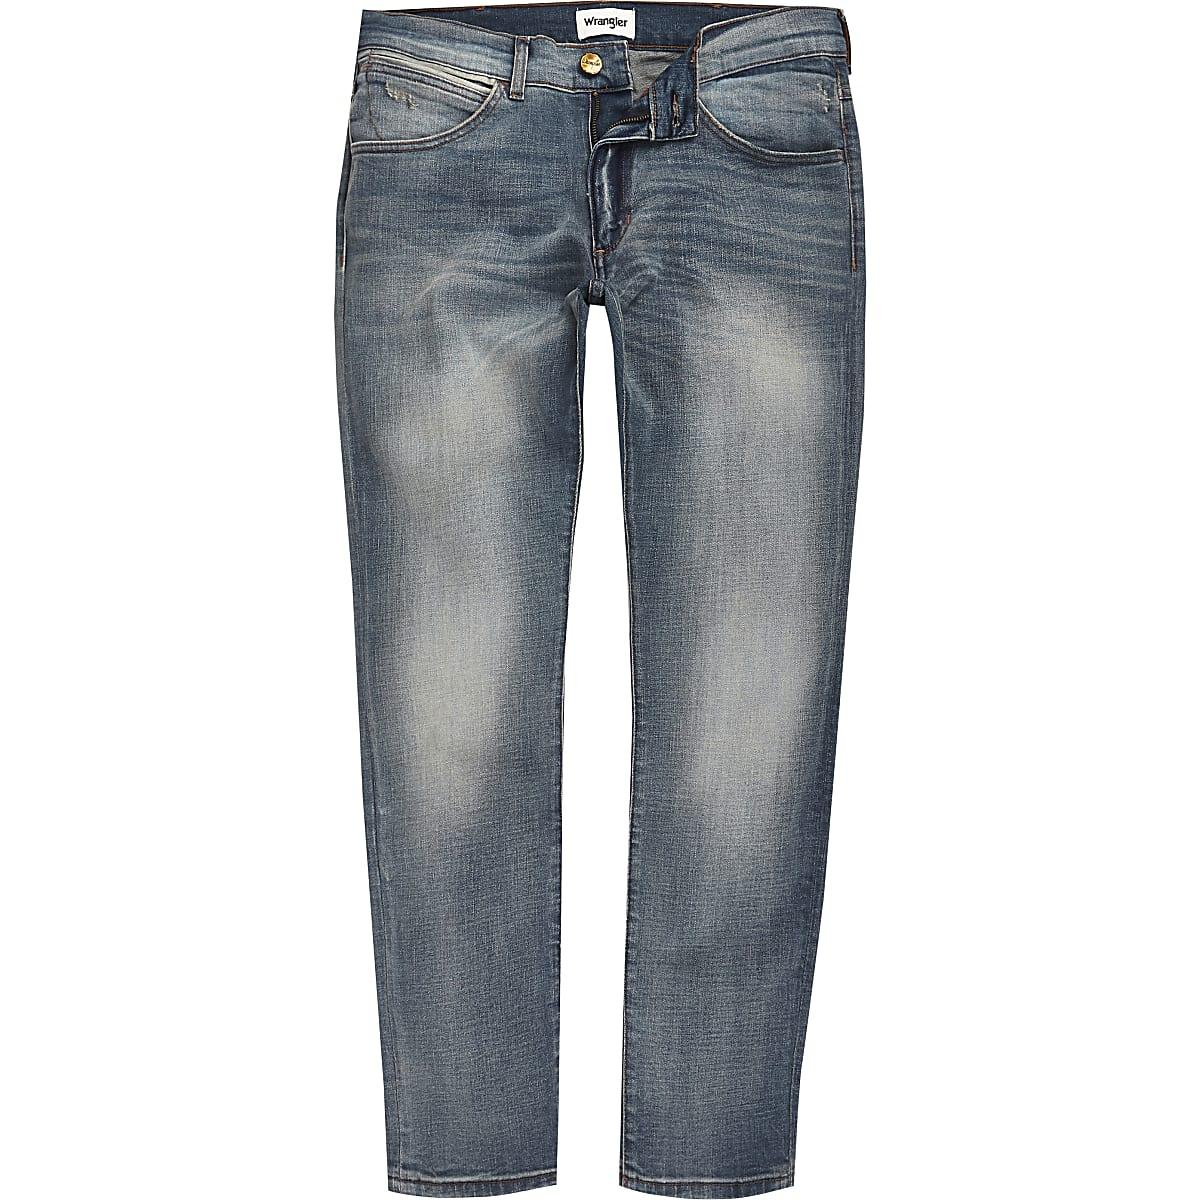 Wrangler light blue Bryson skinny jeans